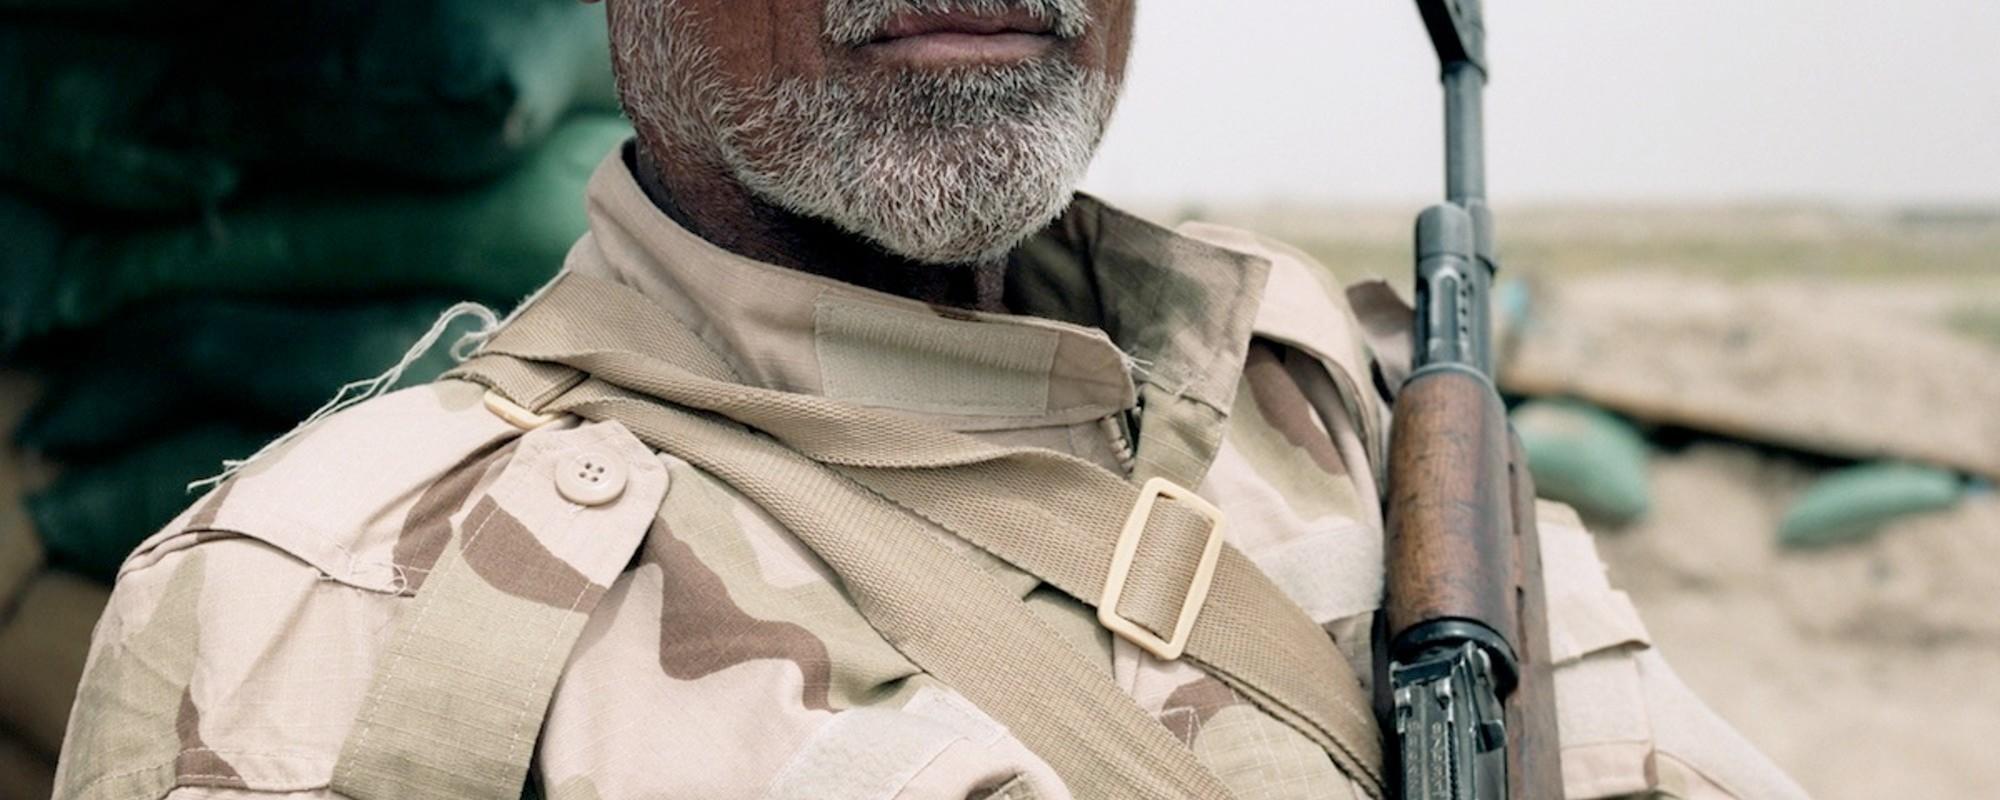 Os milicianos que deixaram tudo para combater o ISIS no Iraque